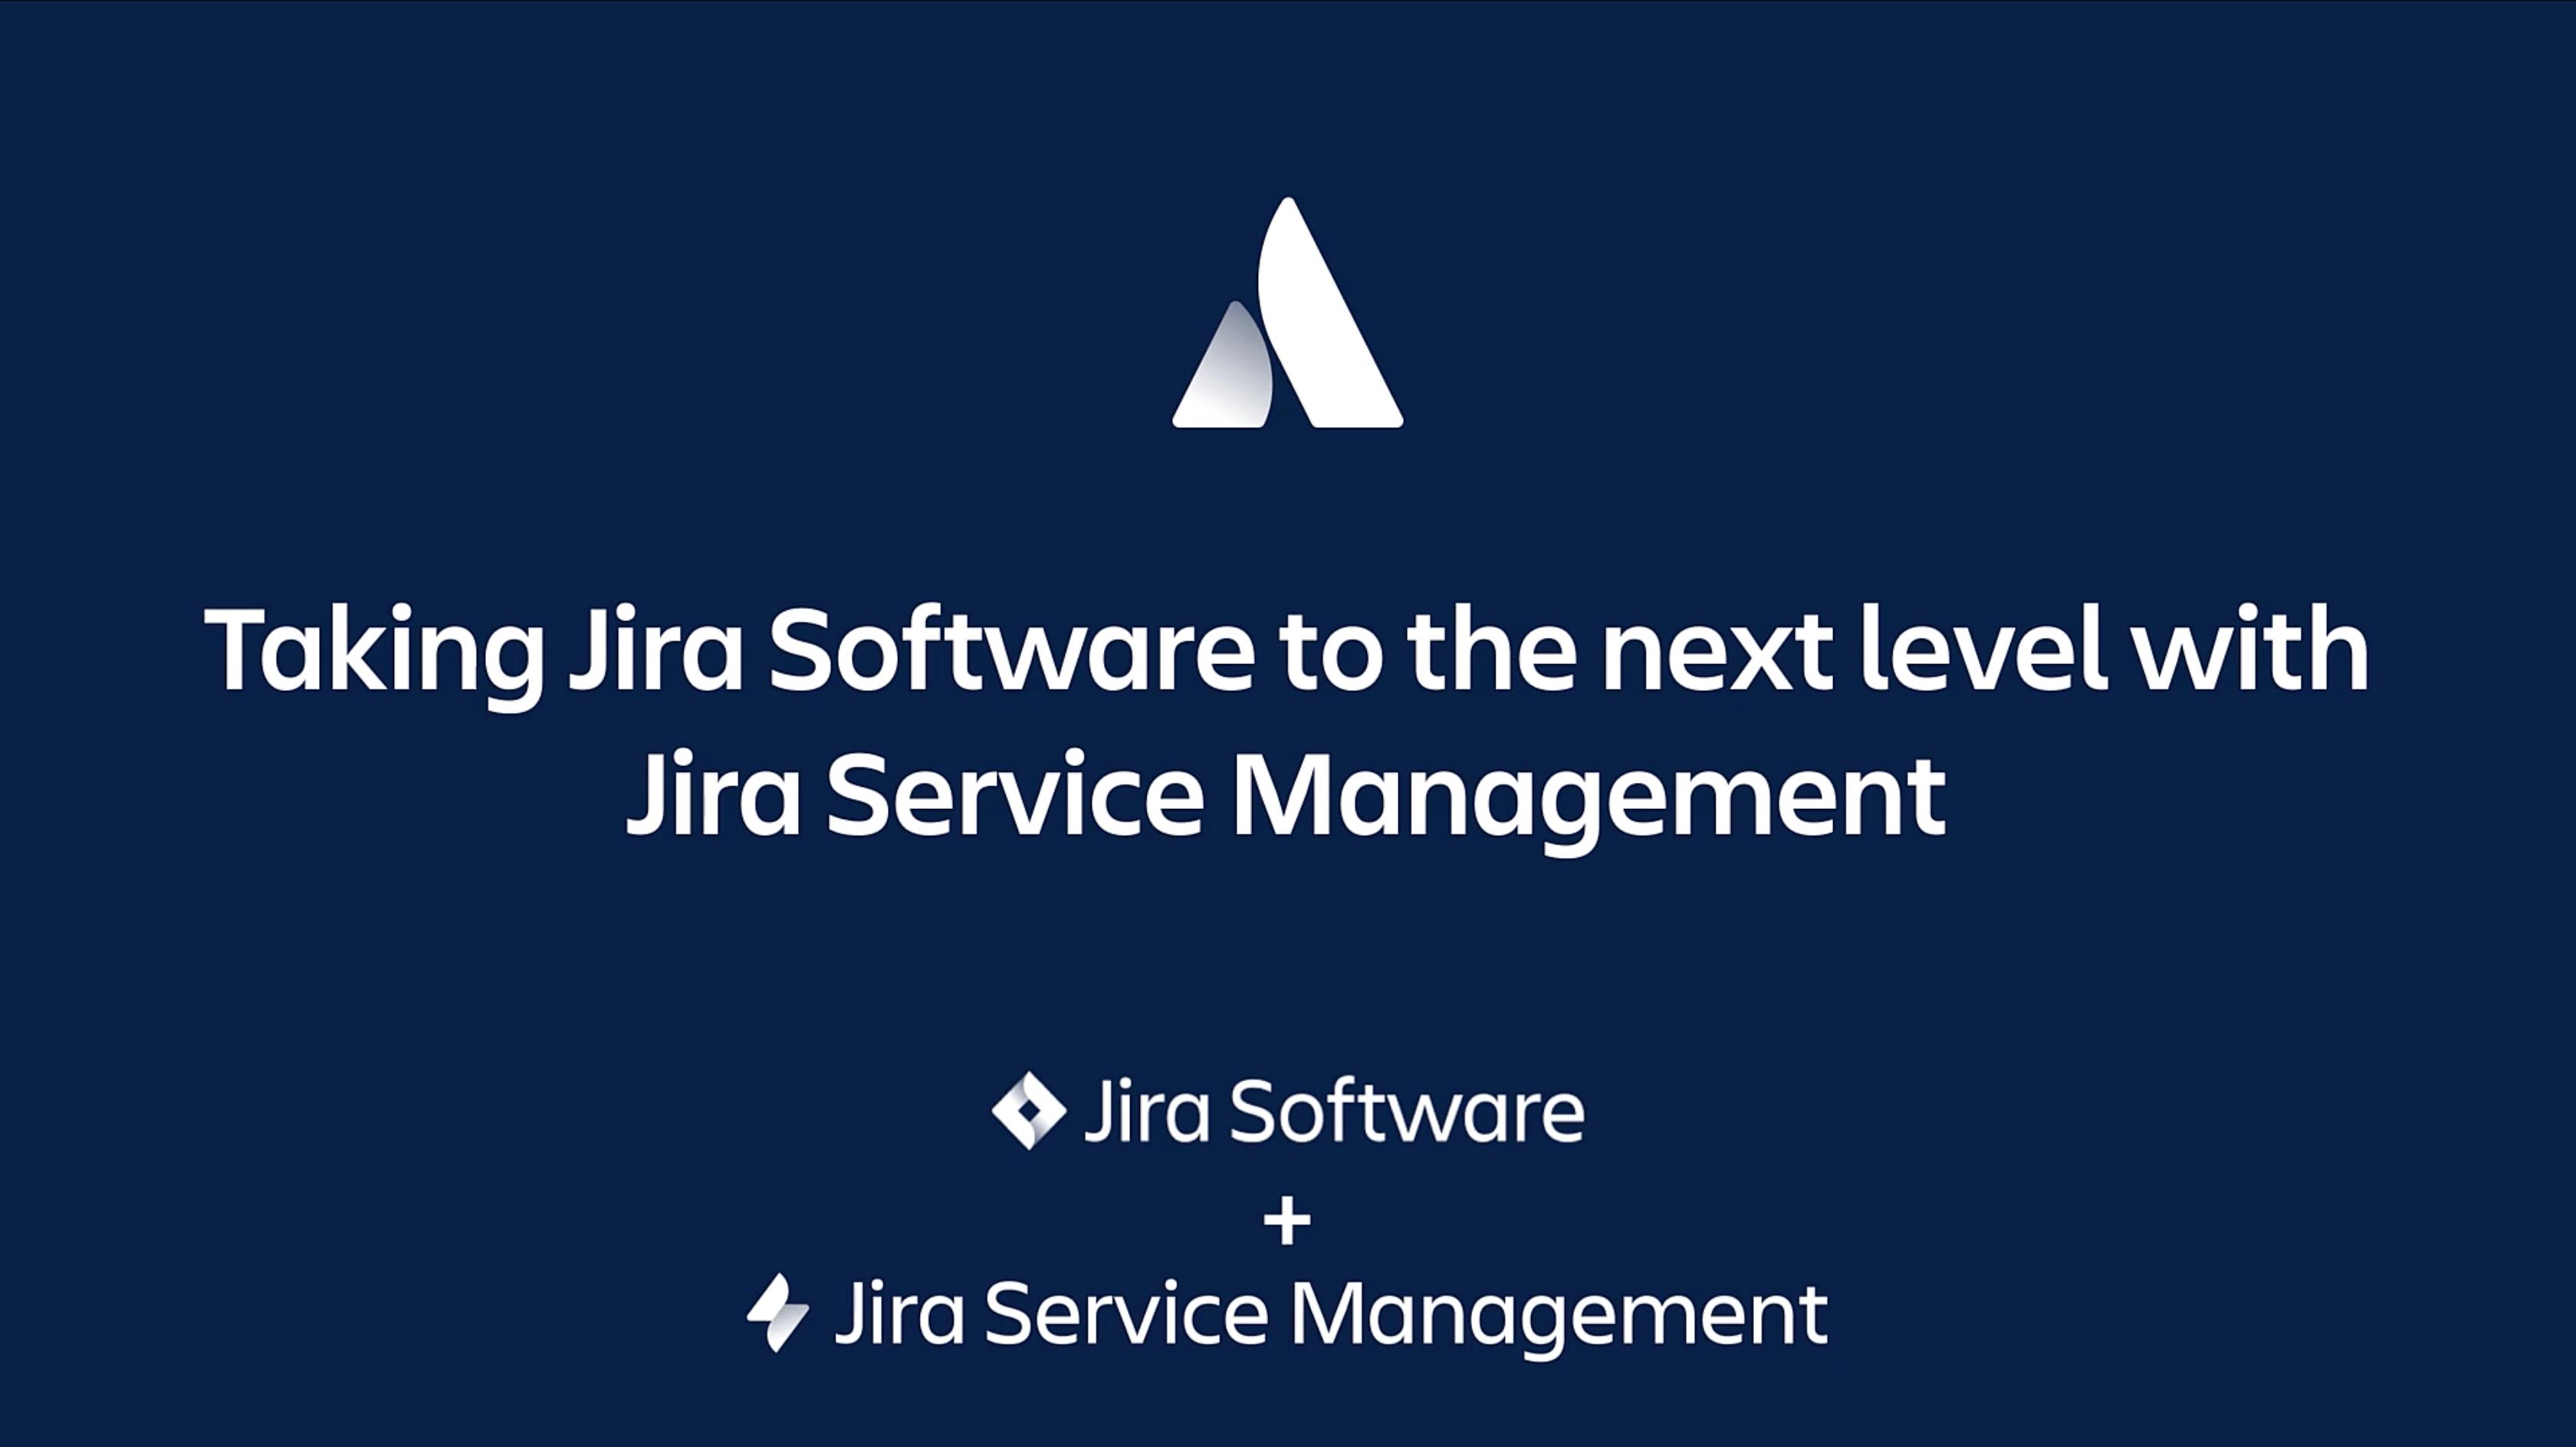 Jira Software: fai un salto di qualità con Jira Service Management